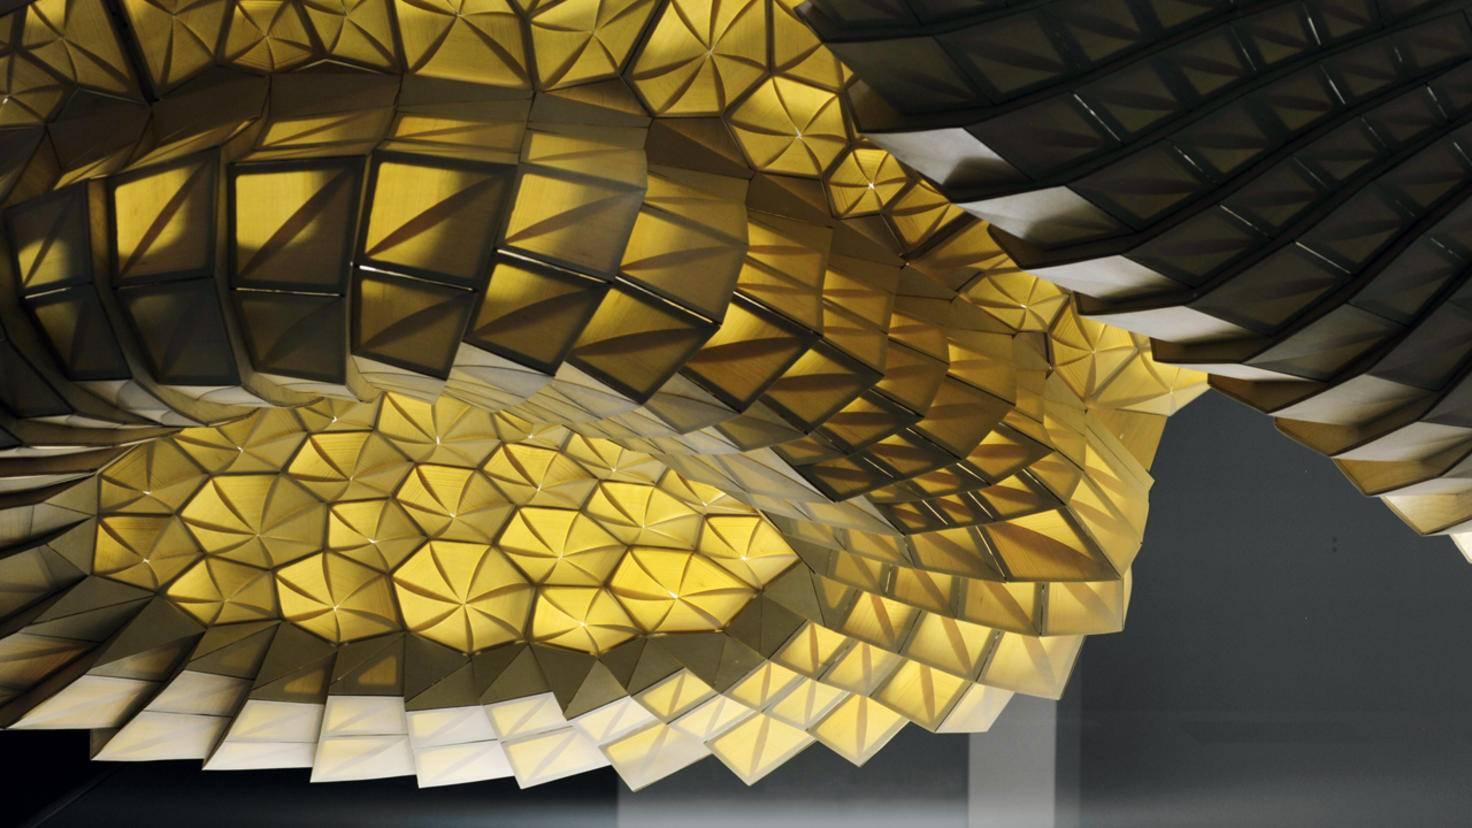 Klimaveränderungen: HygroScope, eine Installation im Centre Pompidou Paris, reagiert in ihren Bewegungen auf sich verändernde Umweltbedingungen.